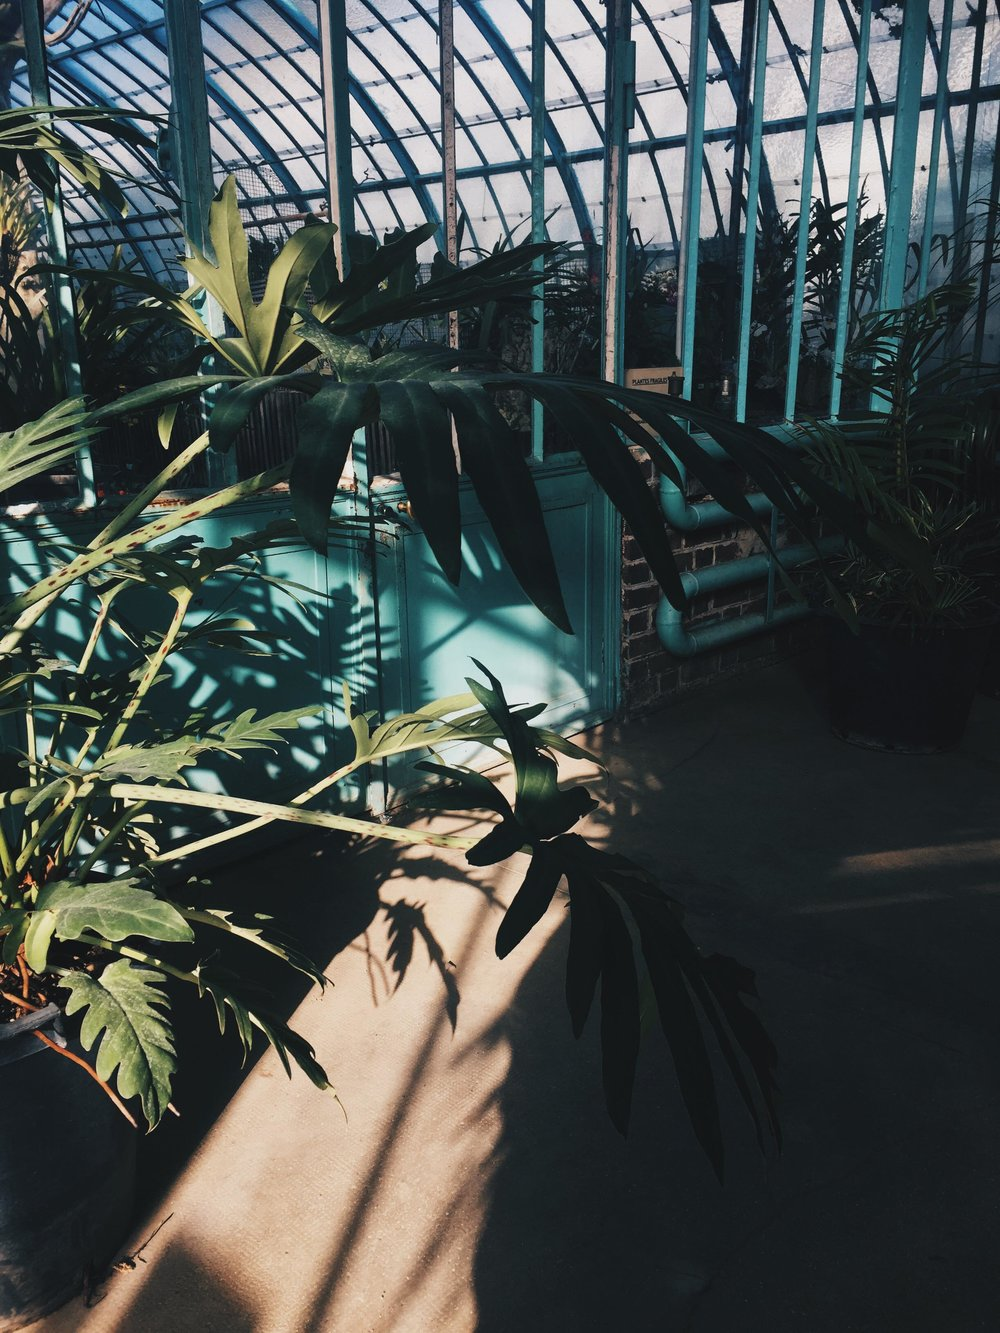 Haenke_Botanical Gardens_Paris III